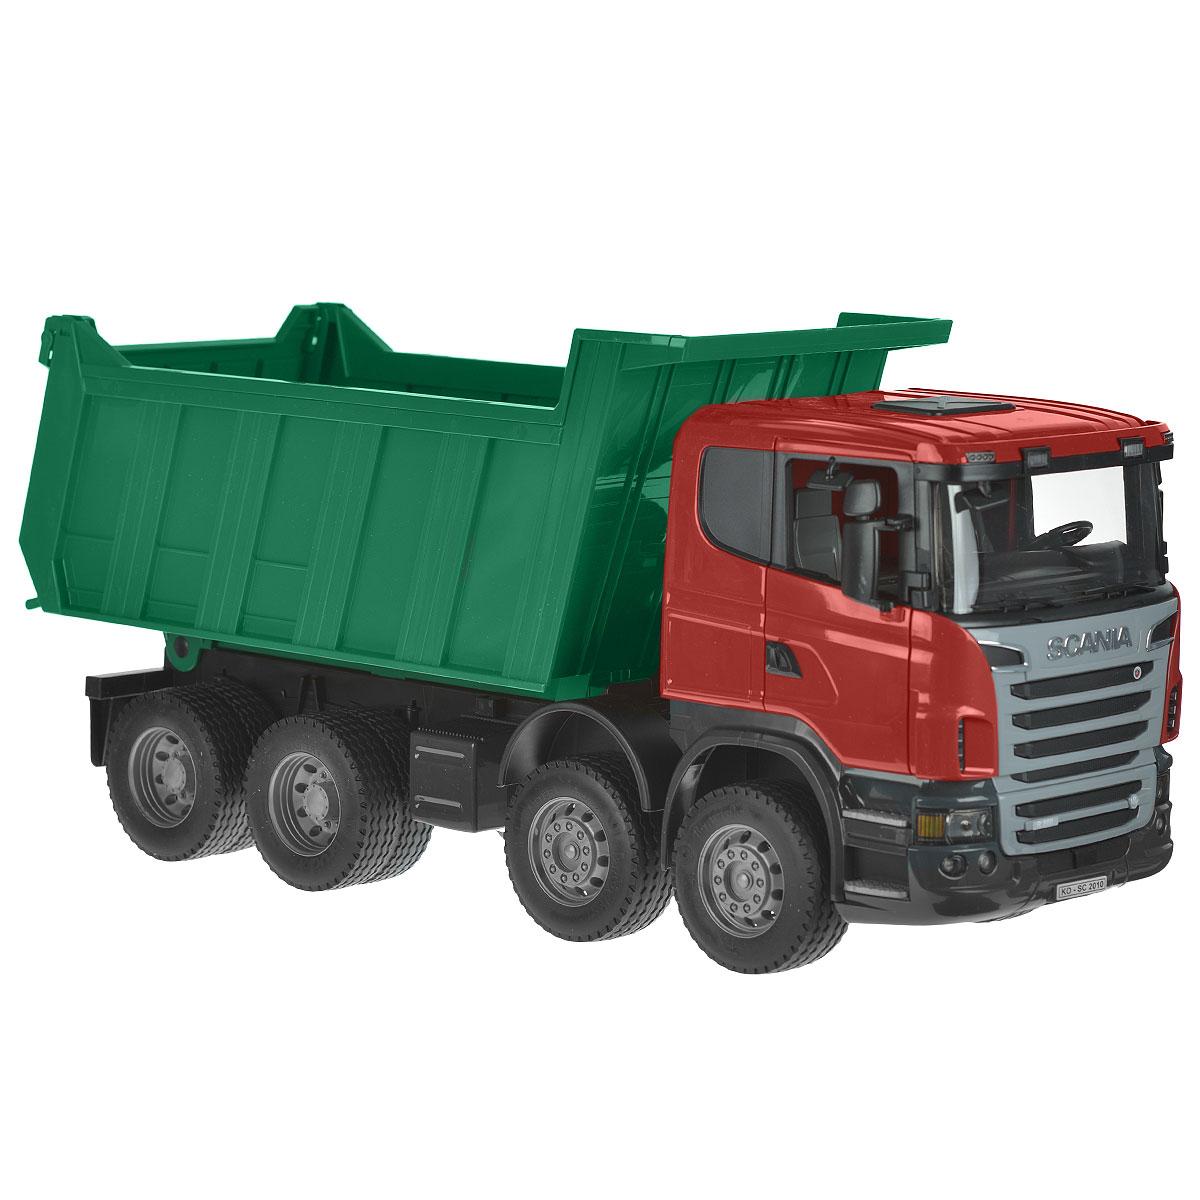 Bruder Самосвал Scania цвет зеленый красный bruder лесовоз scania